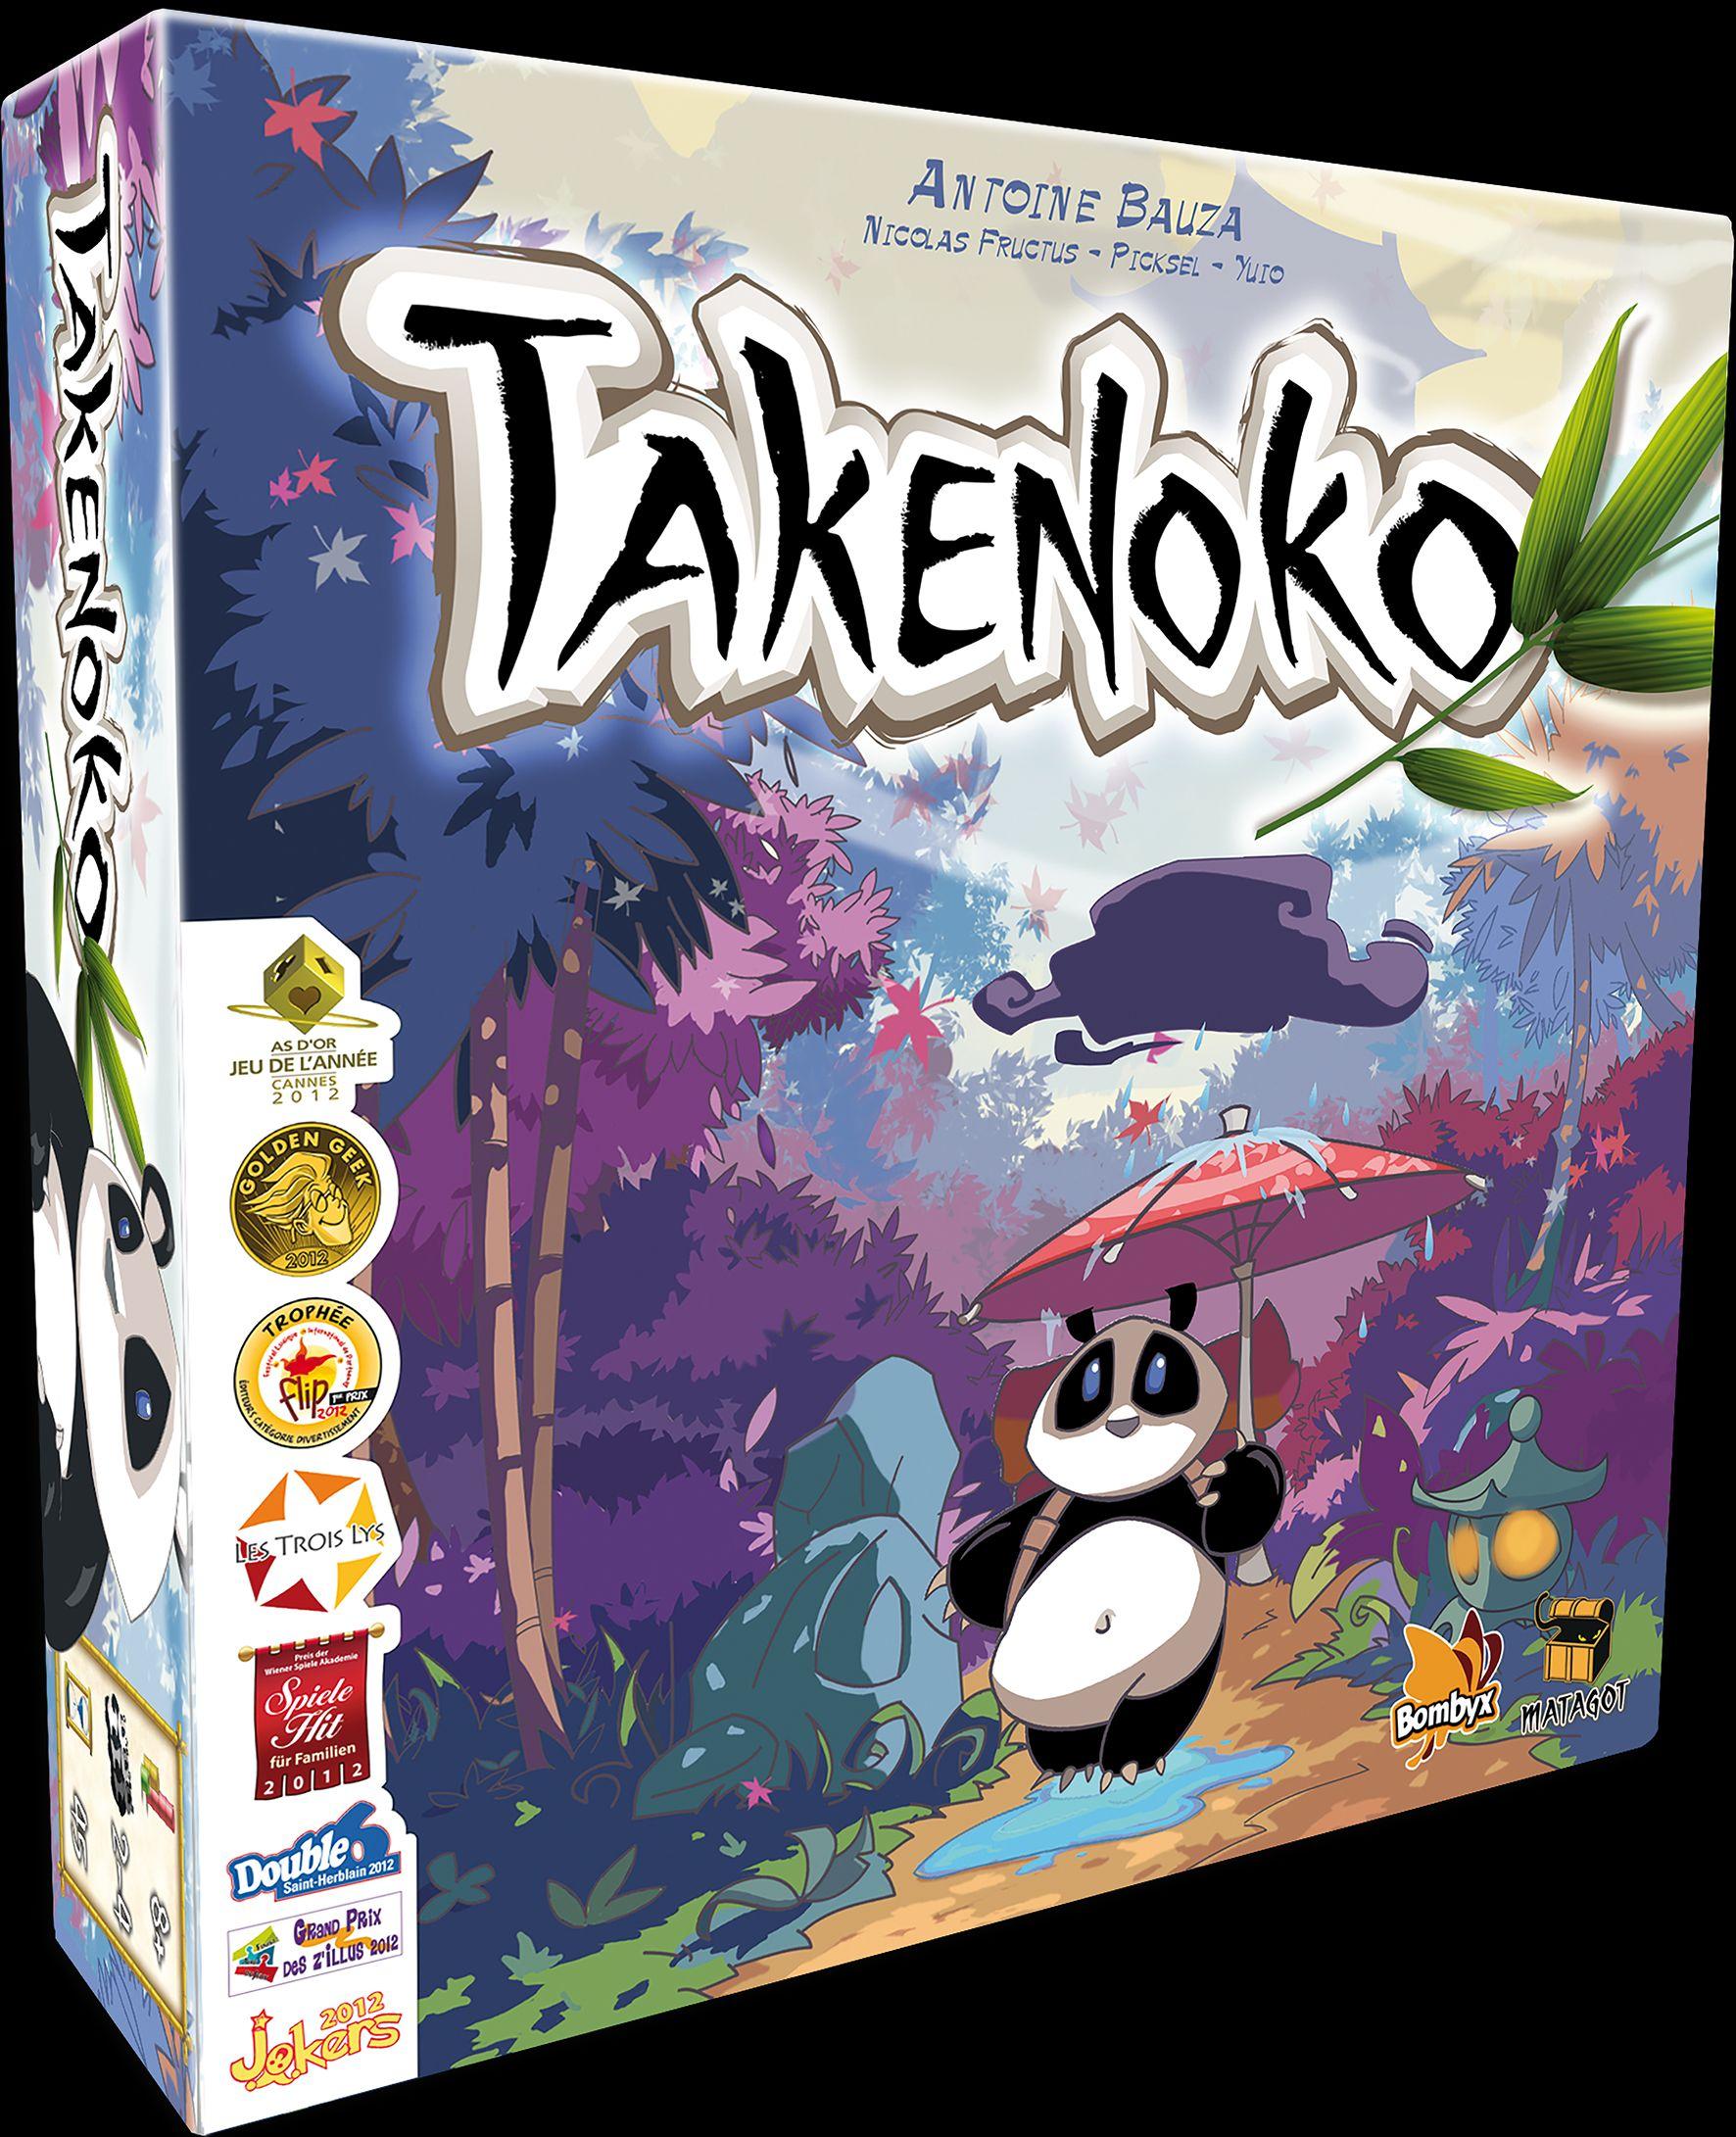 Gra planszowa Takenoko | Auchan Piotrków